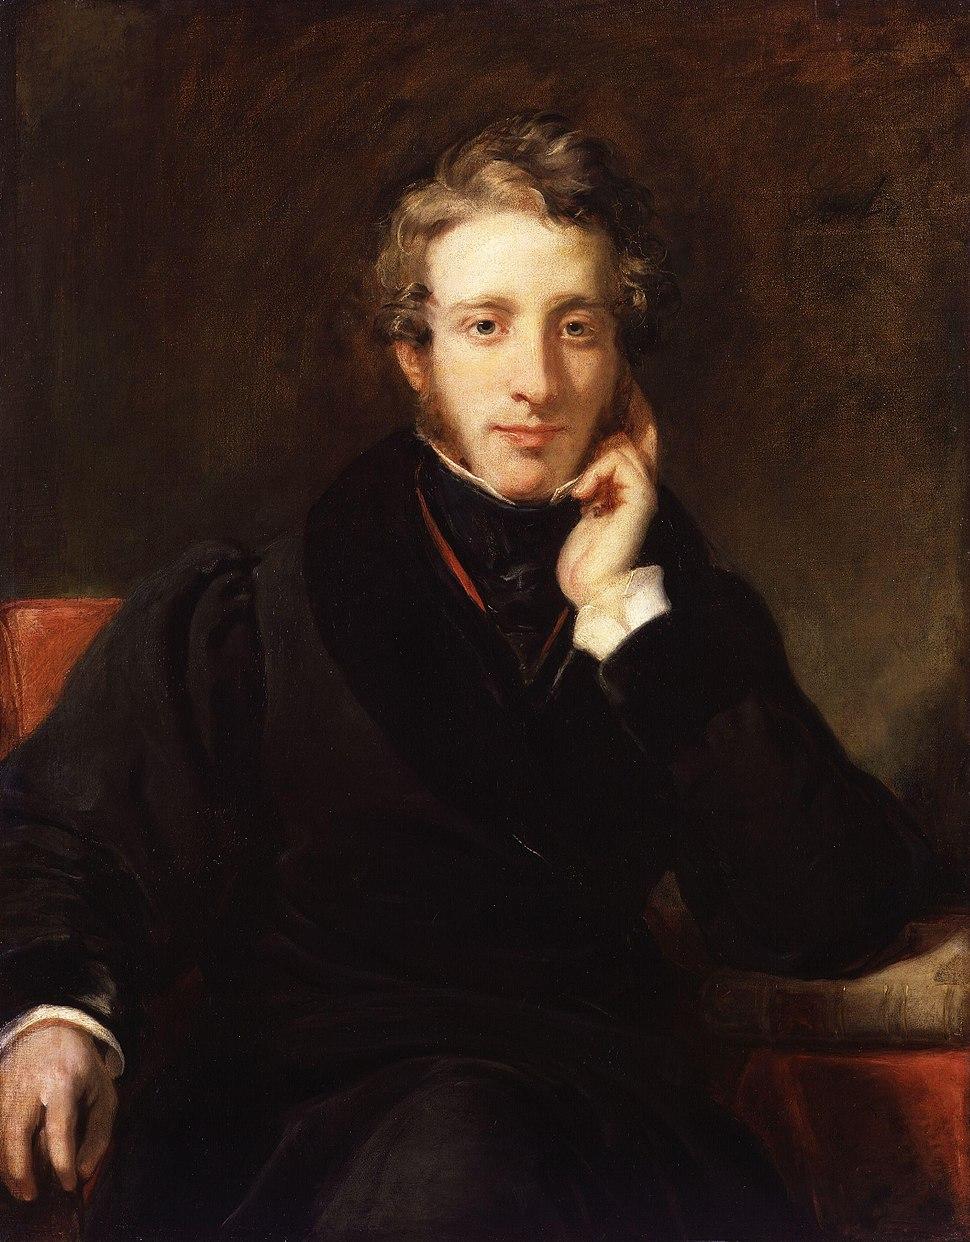 Edward George Earle Lytton Bulwer Lytton, 1st Baron Lytton by Henry William Pickersgill